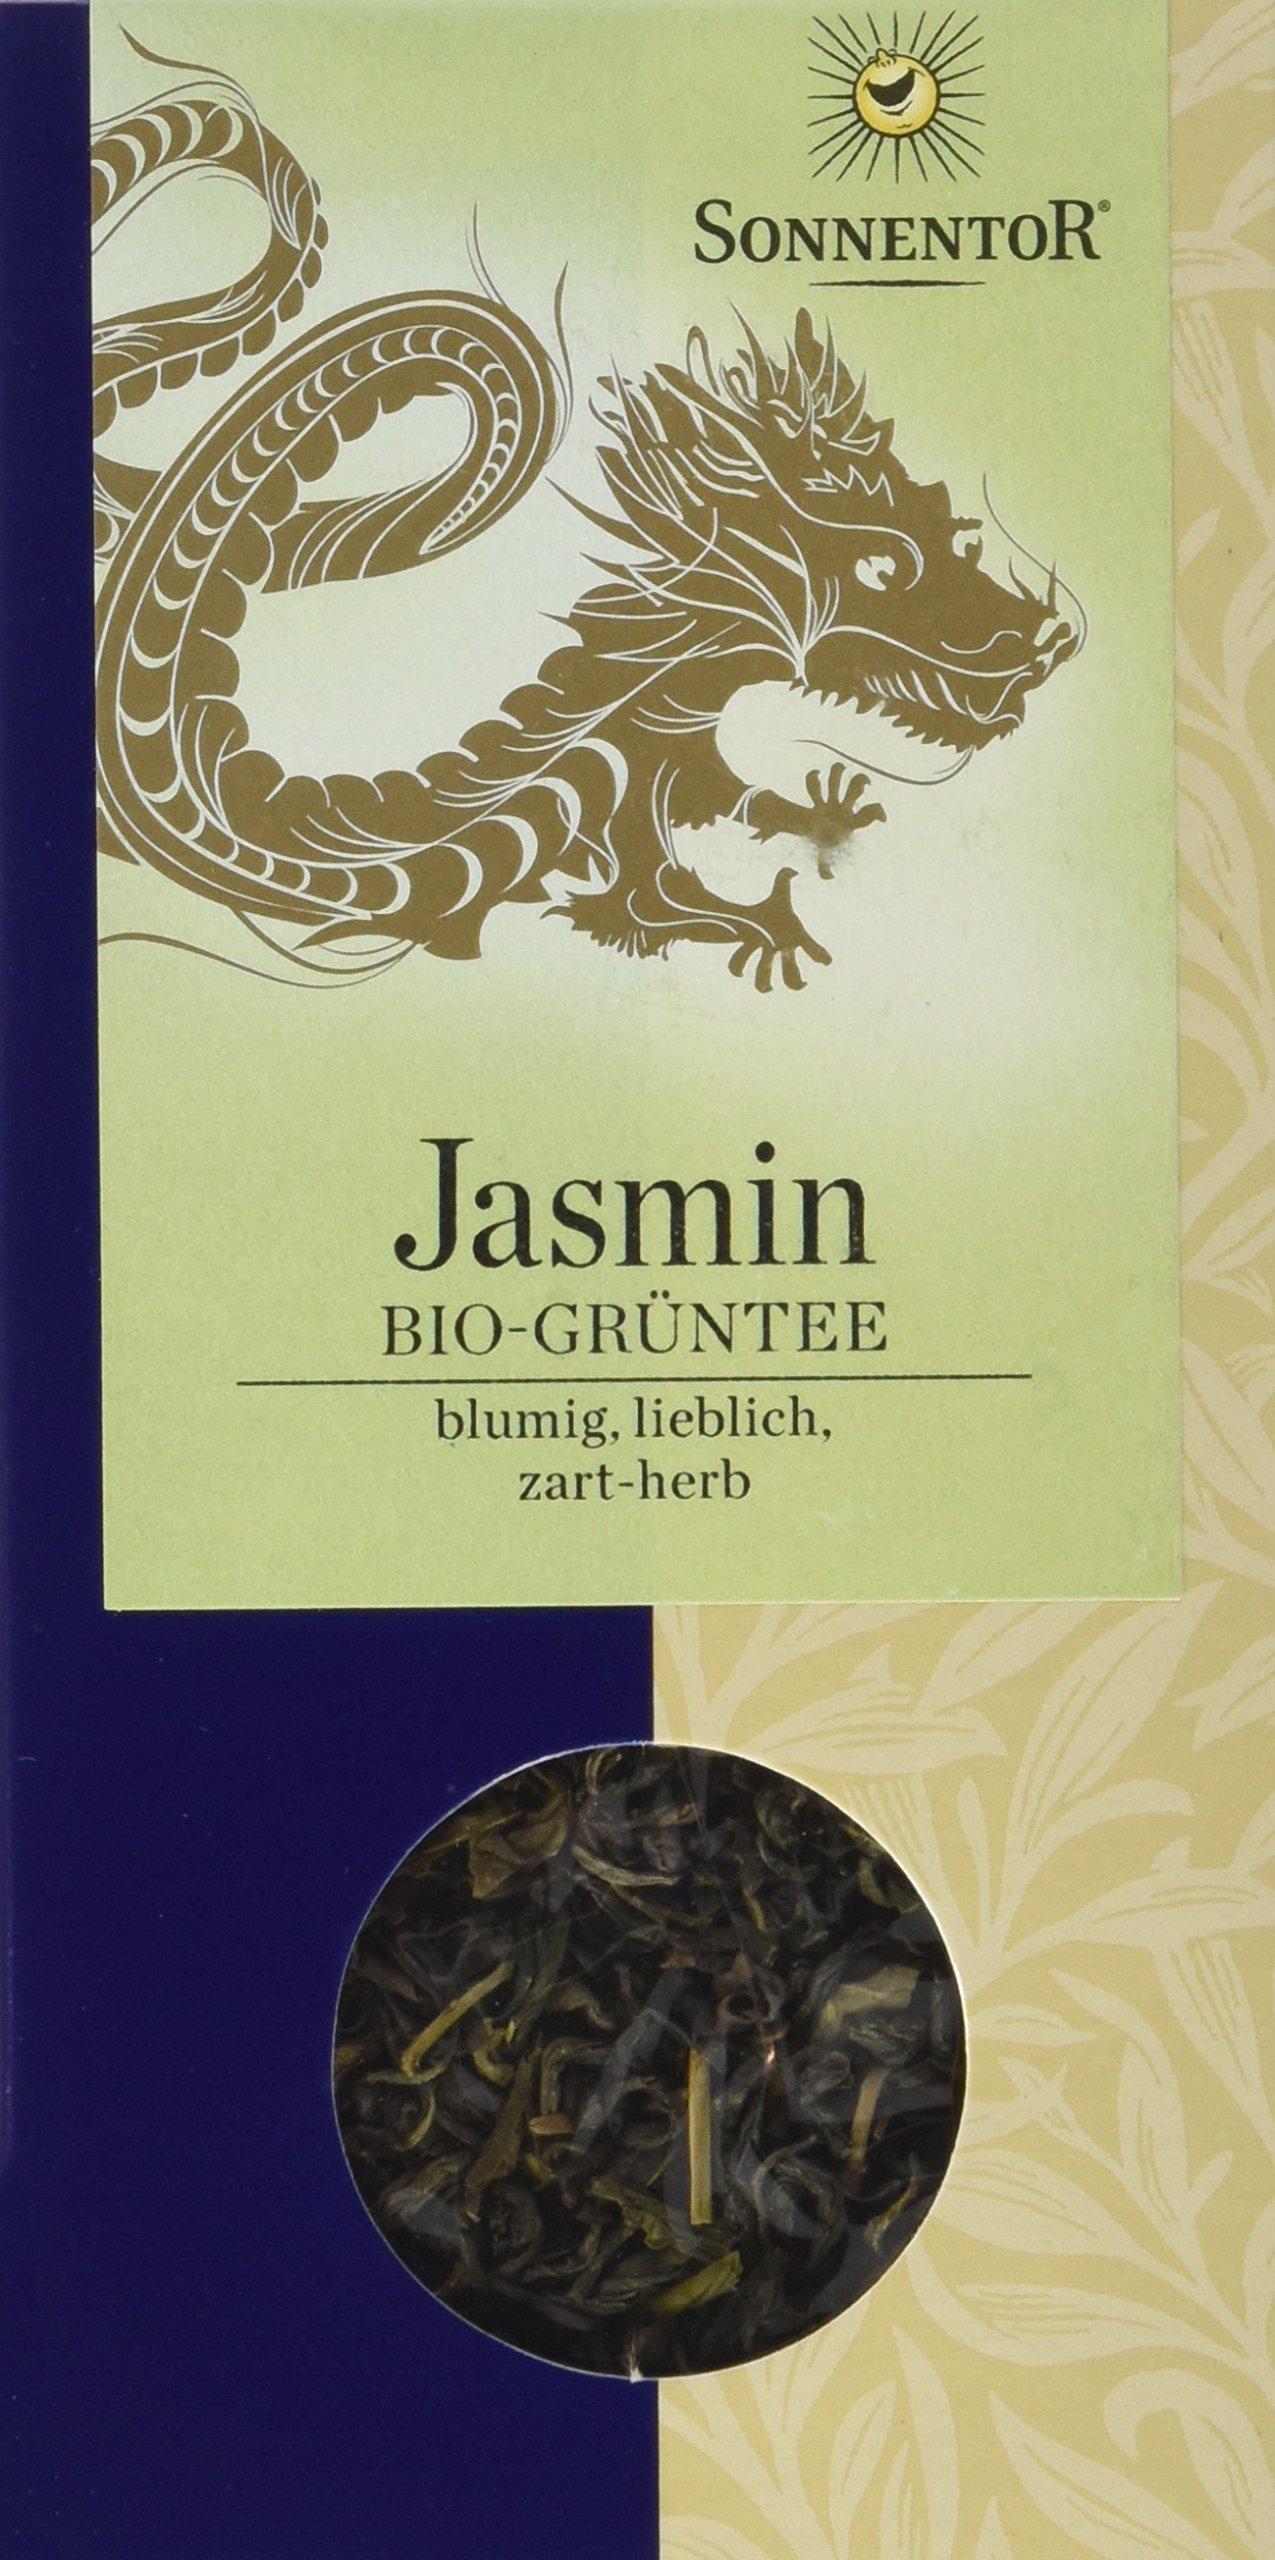 Sonnentor-Grntee-Jasmin-lose-1er-Pack-1-x-100-g-Bio